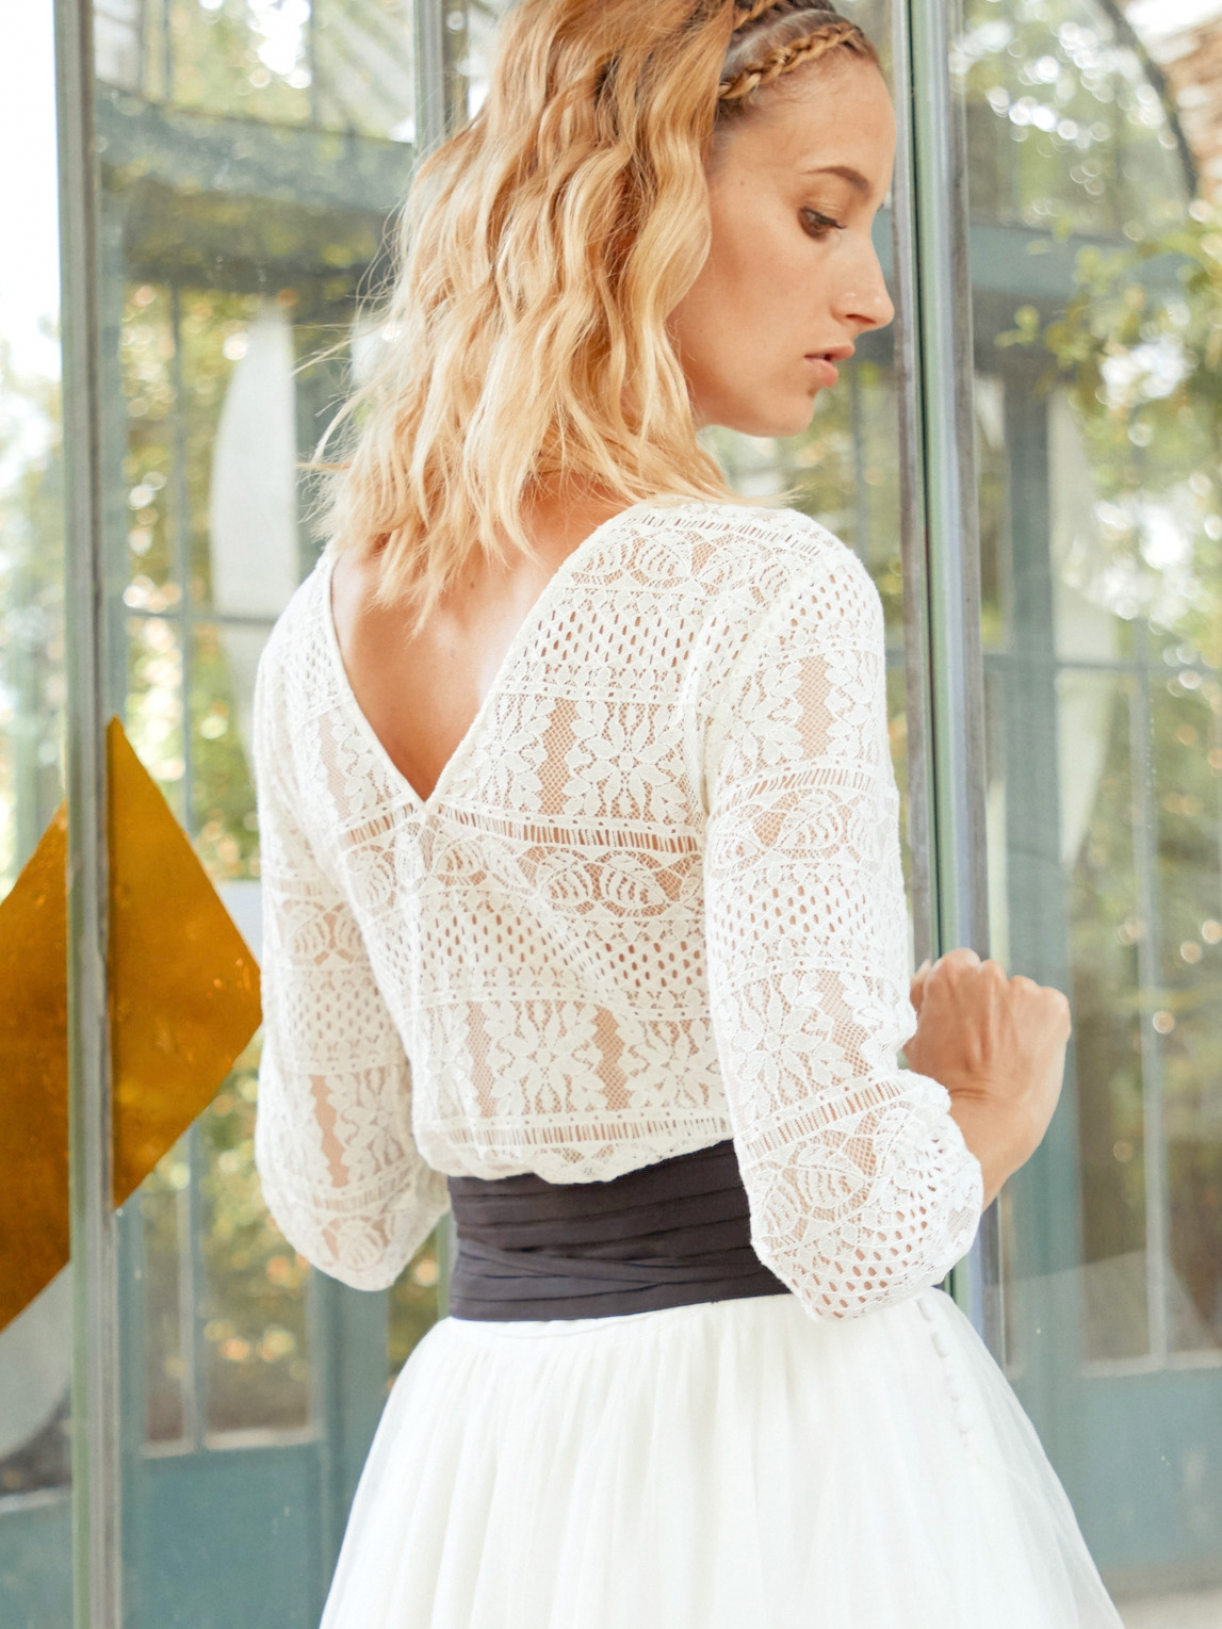 Laurette top blouse de mariée en dentelle à manches mi-longues - Robe de mariée créateur et sur-mesure pas cher a Paris - Myphilosophy